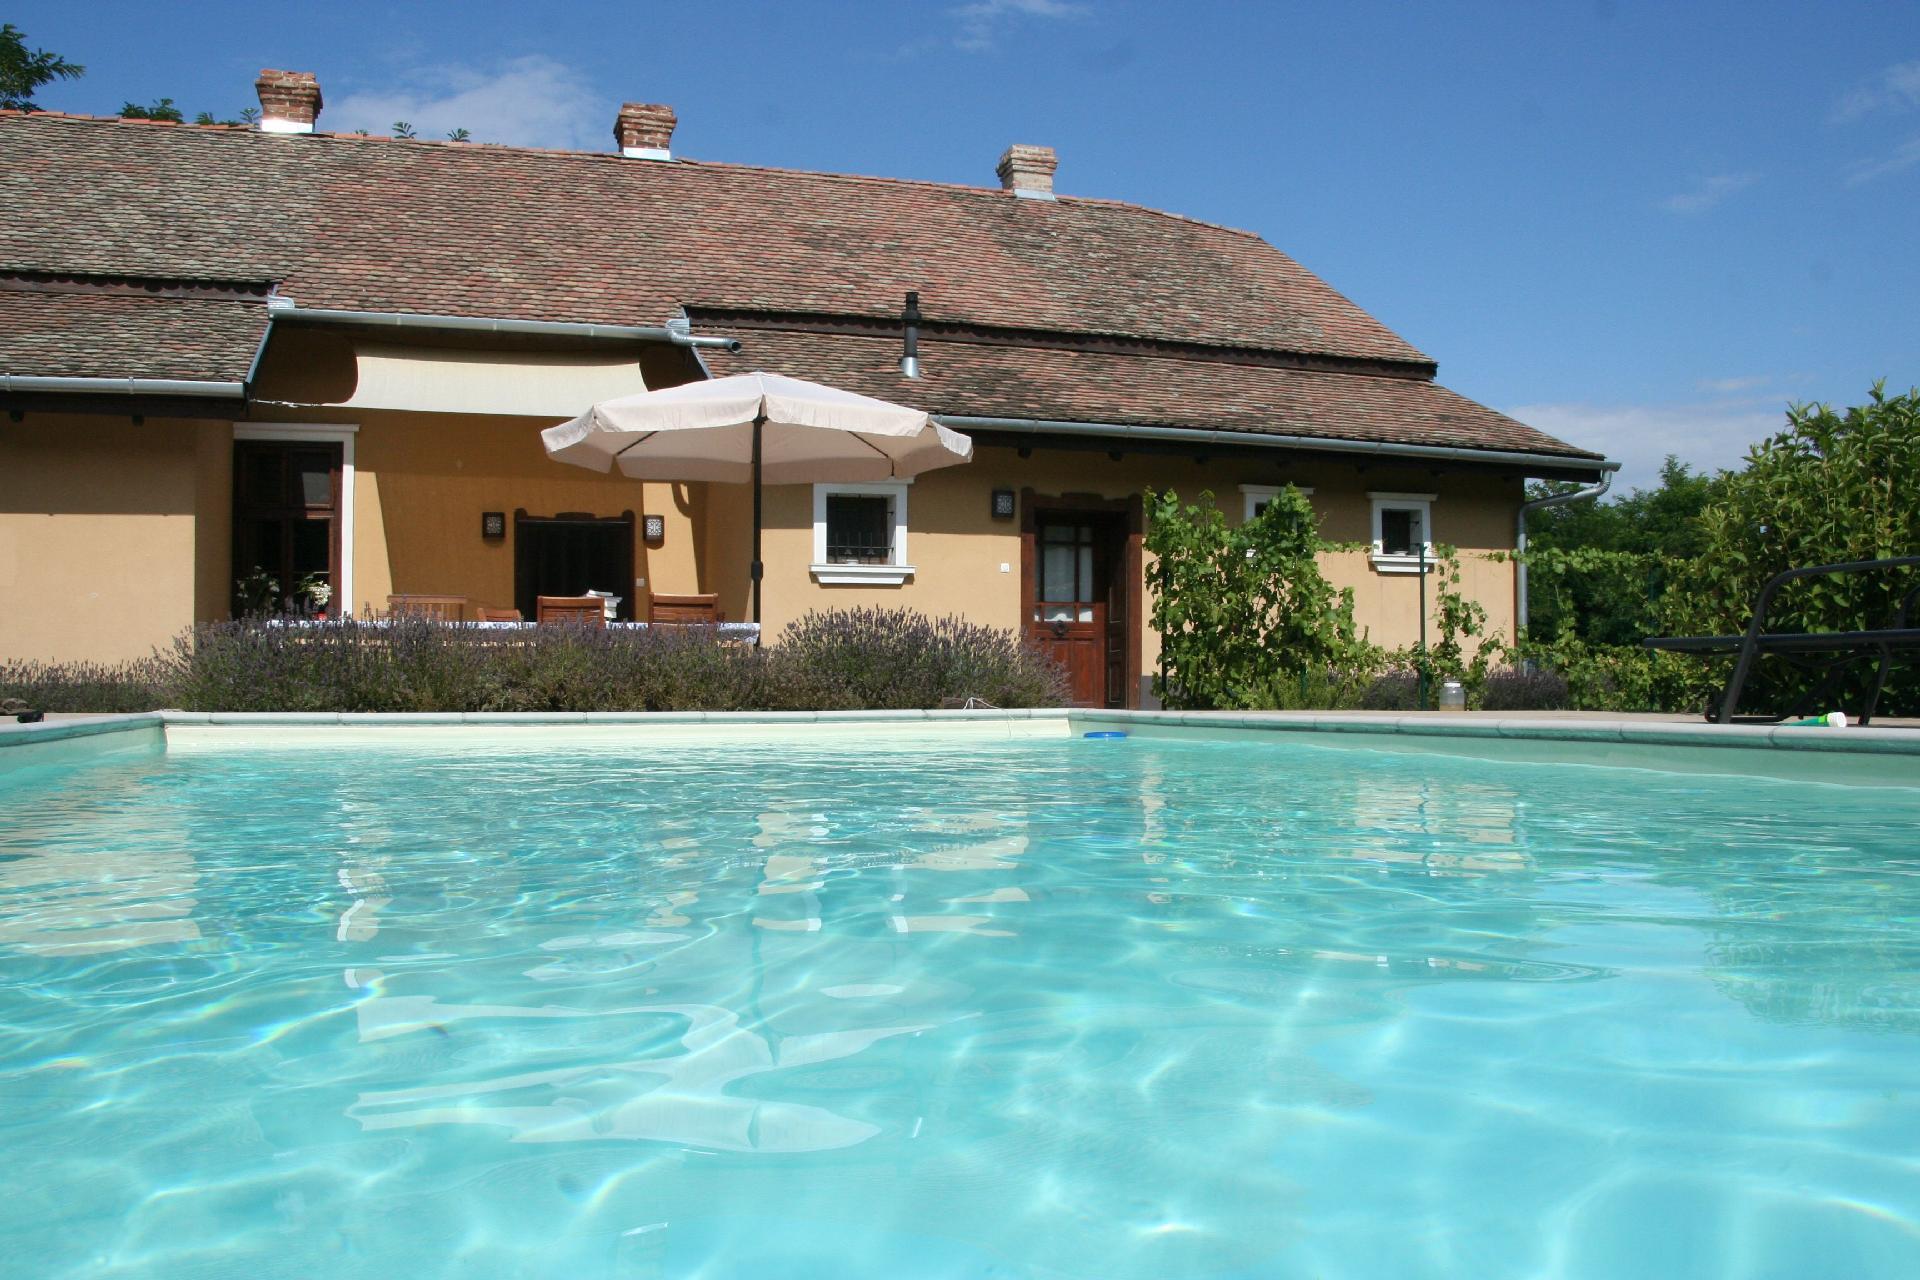 Ferienhaus mit Privatpool für 4 Personen  + 4  in Ungarn